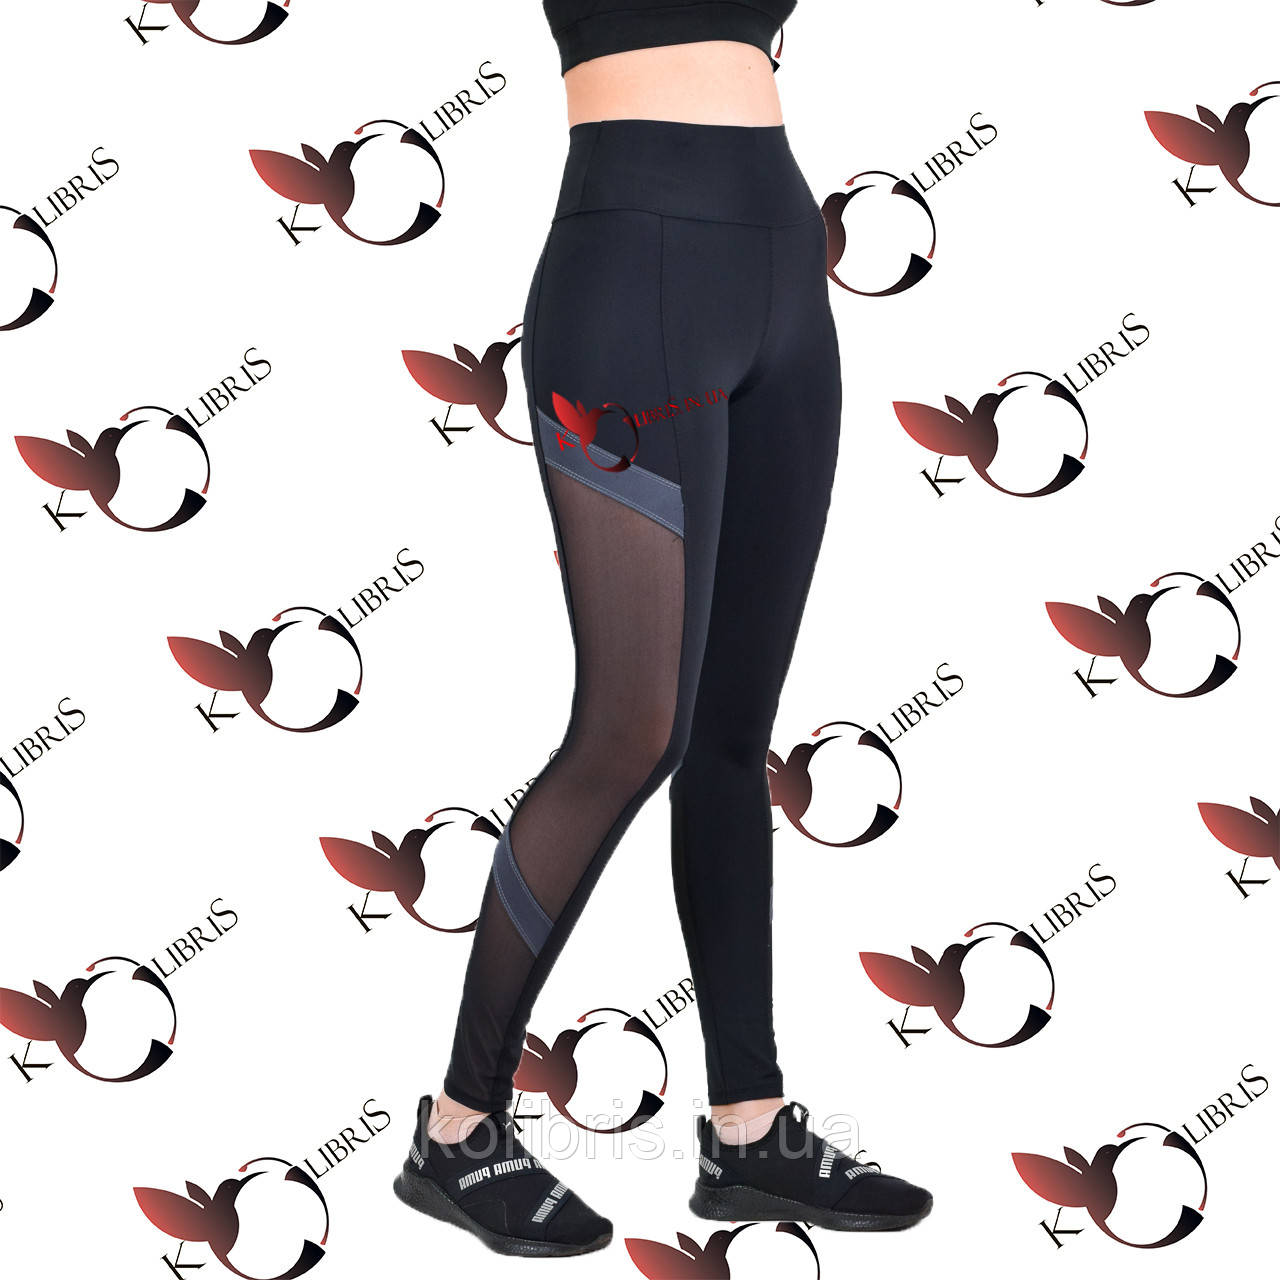 Женские спортивные лосины со вставками серого цвета и сетки